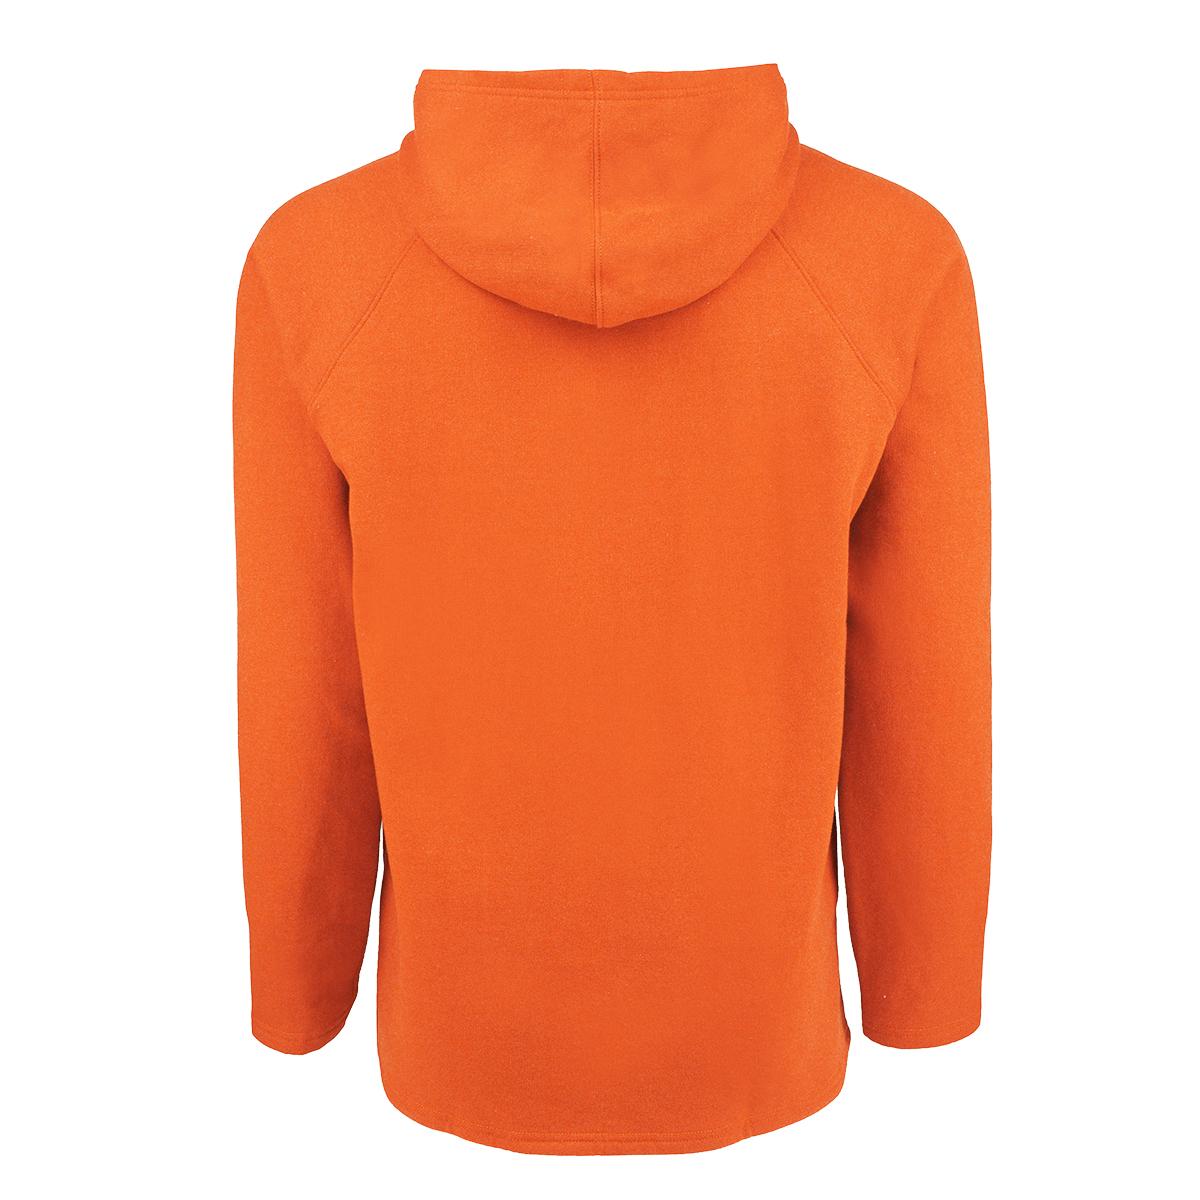 adidas-Men-039-s-Originals-Trefoil-Hooded-Sweatshirt